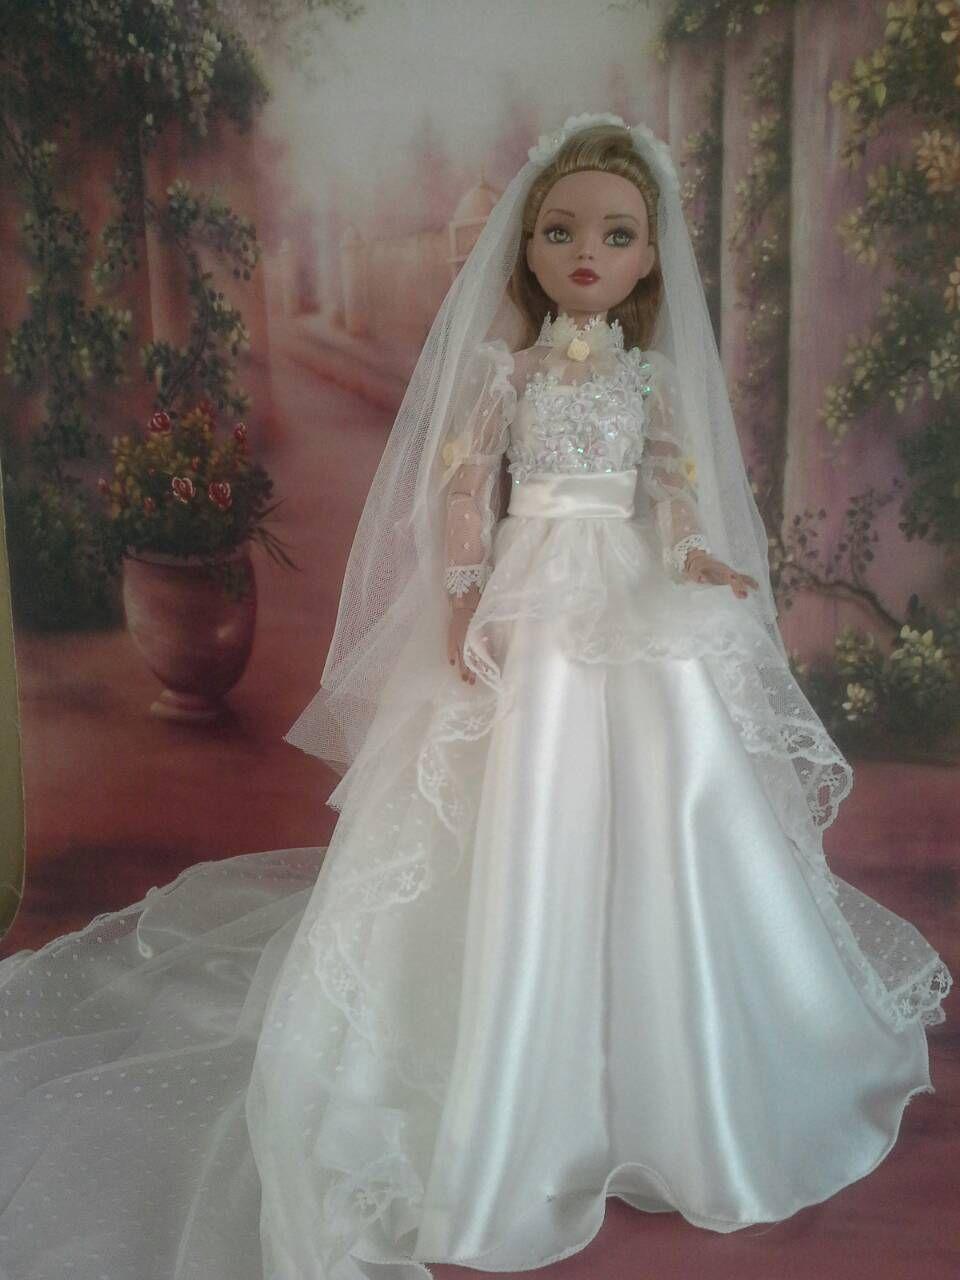 Doll wedding dress  Wedding Gown for Ellowyne WILDE inch Tonner Doll P  eBay